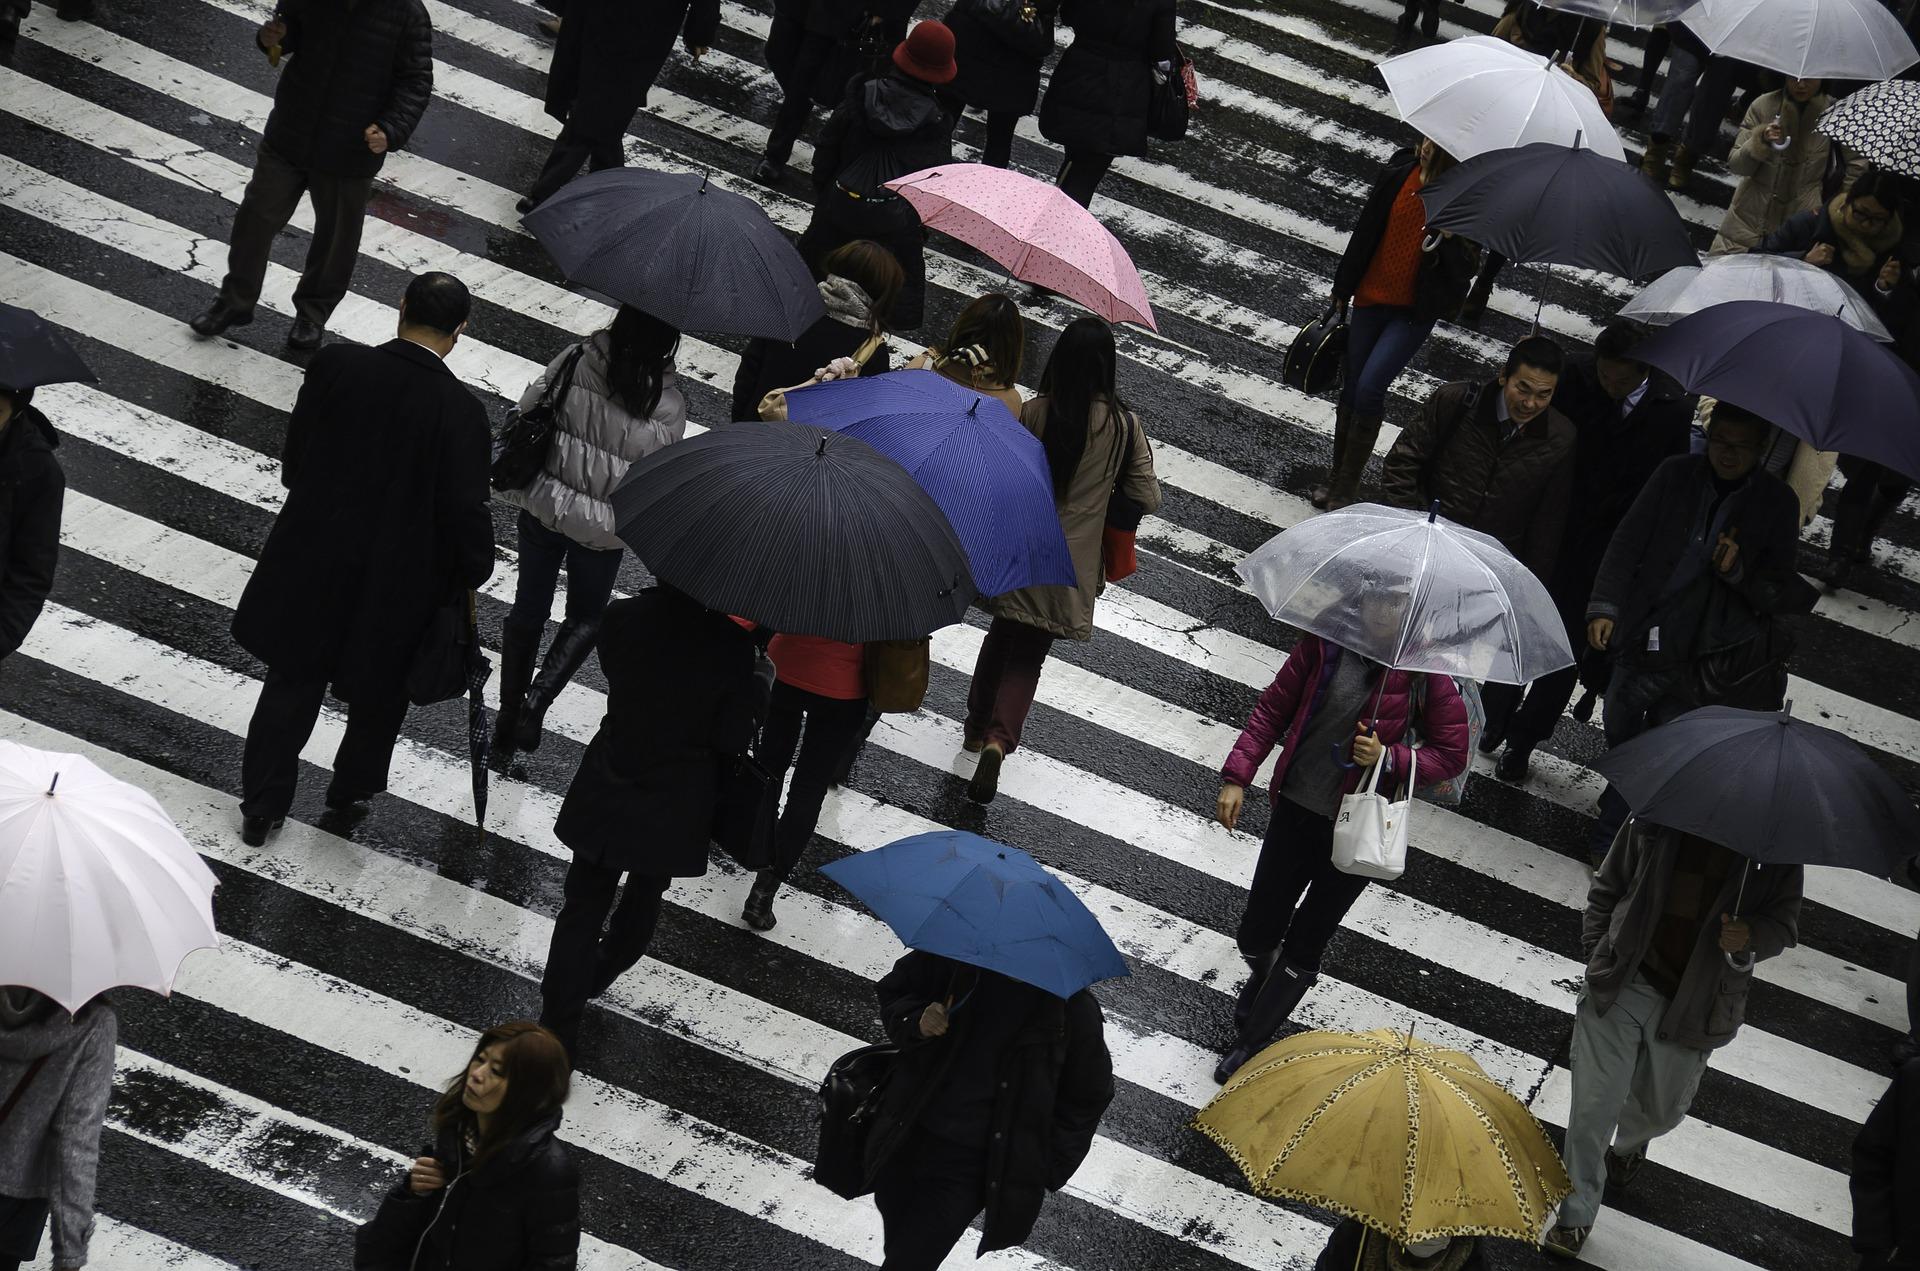 特別從上往下的視角拍攝時 街導上彷彿因為雨水的澆灌開起了小花 也是個有詩意的鏡頭!